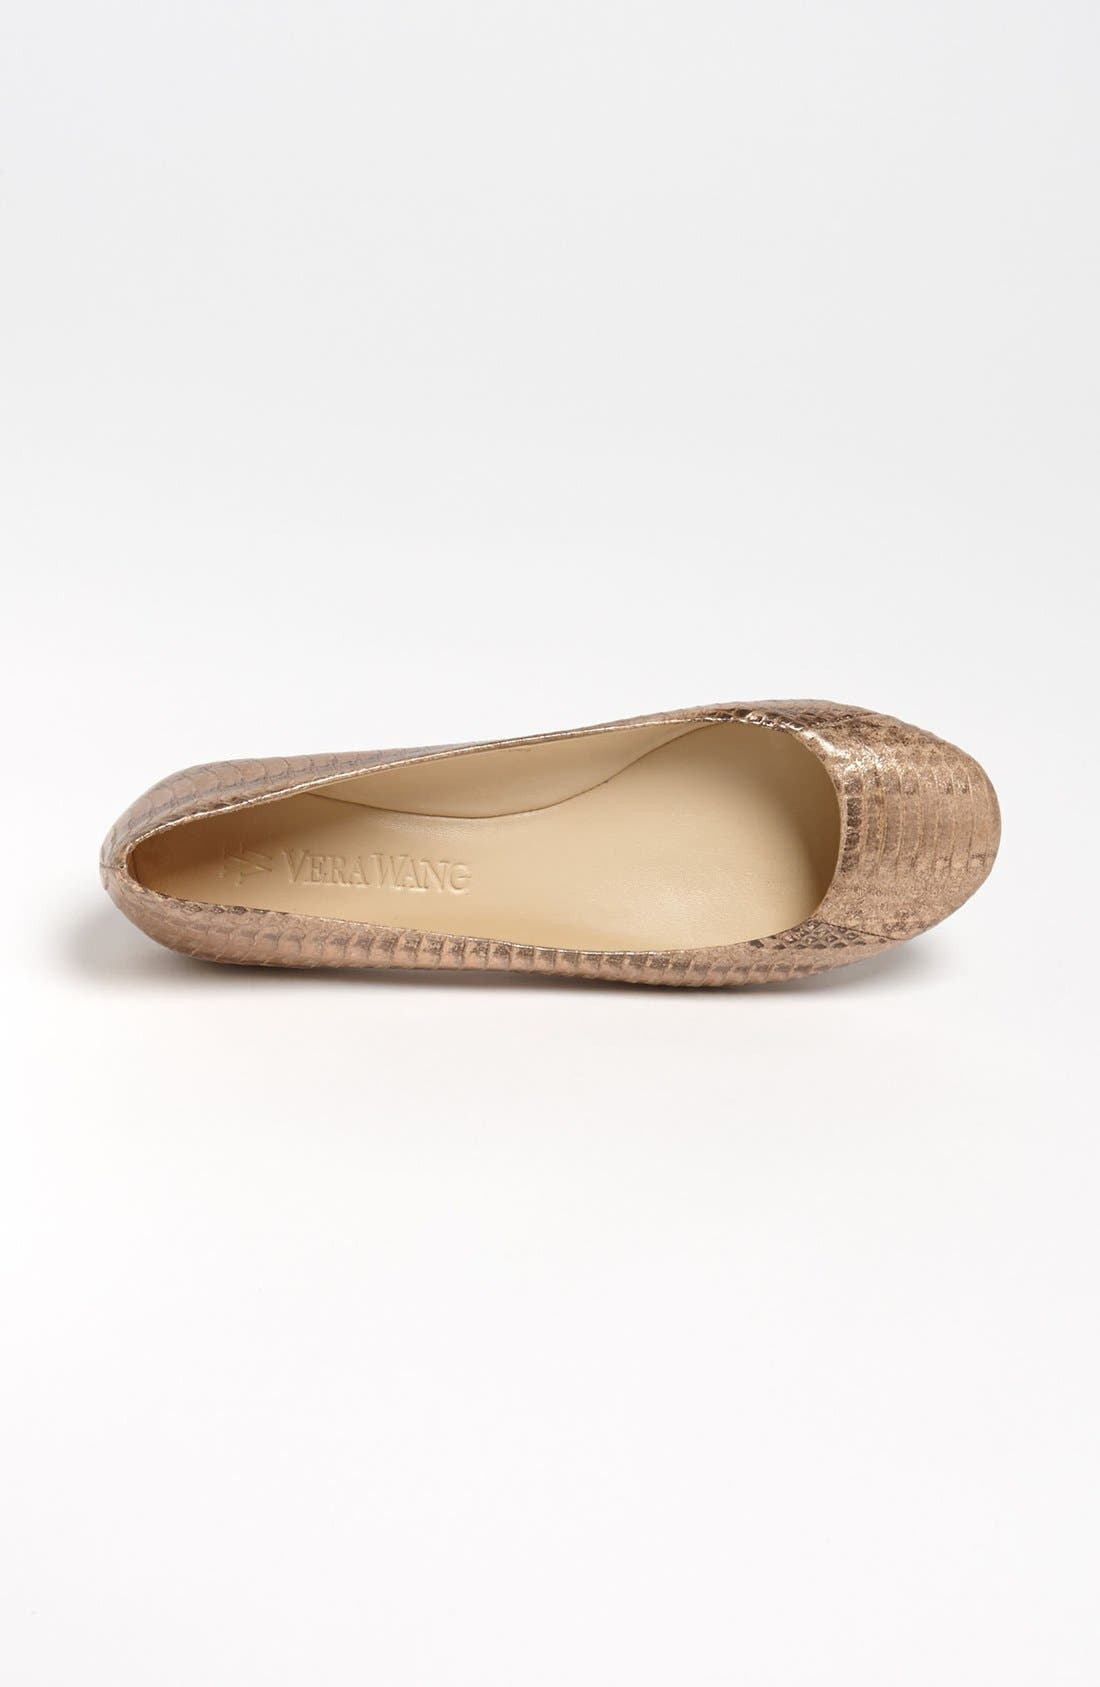 Alternate Image 3  - Vera Wang Footwear 'Lara' Flat